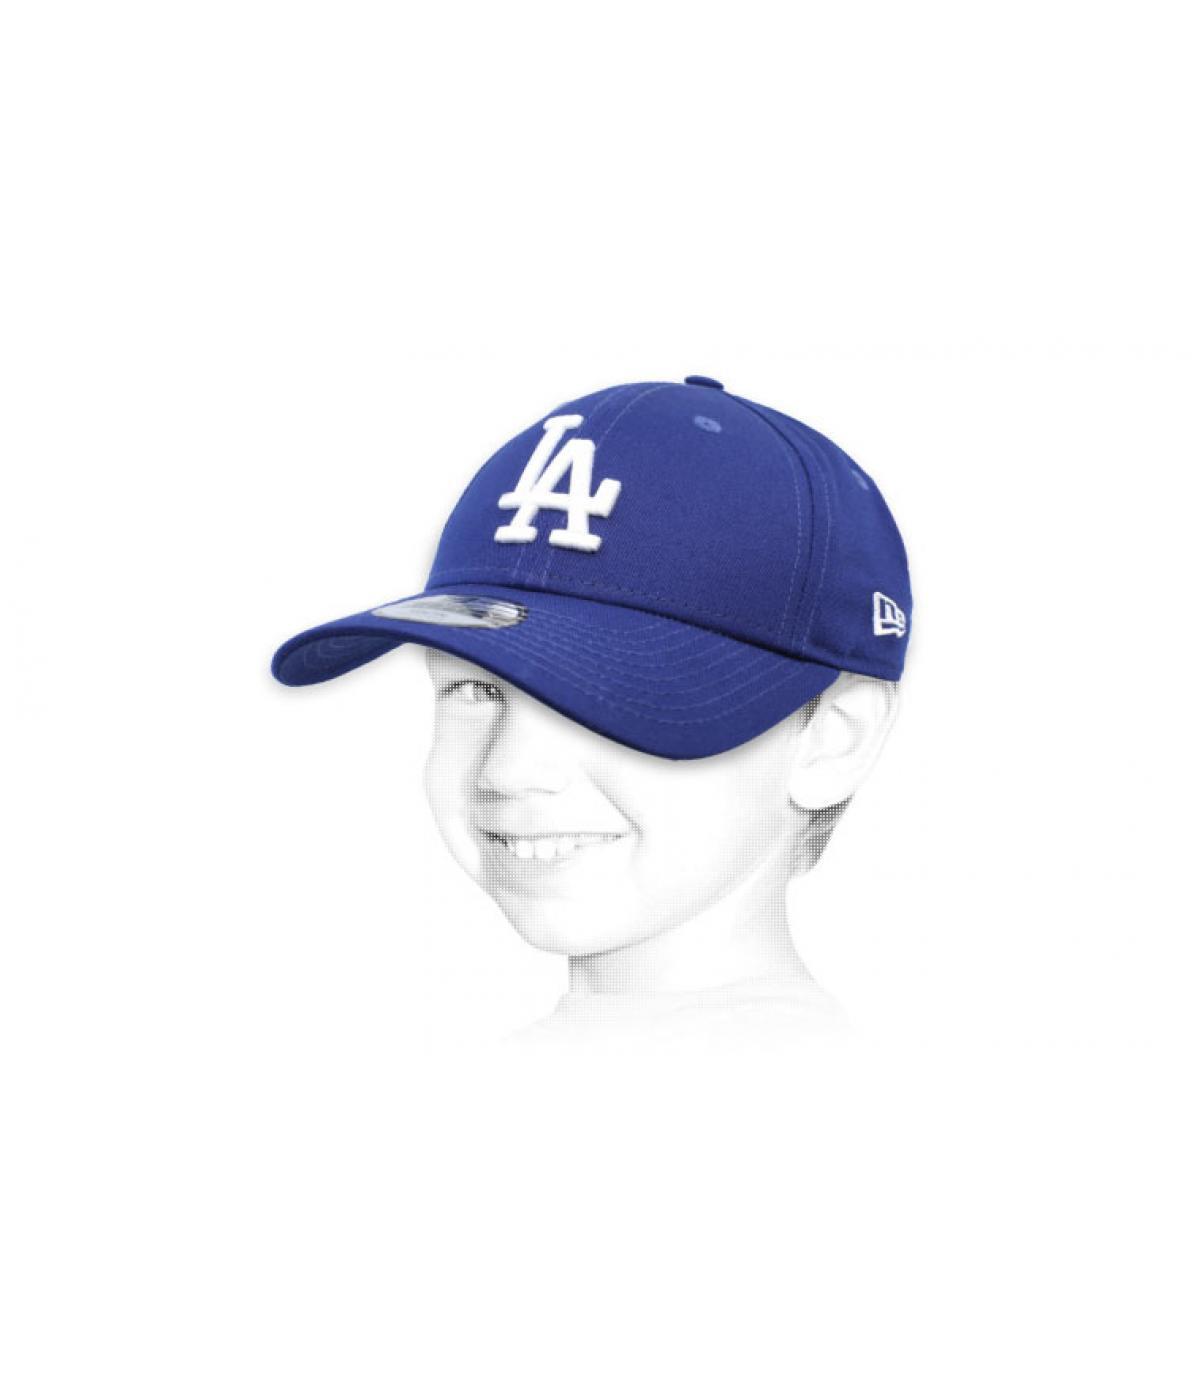 kid blue LA cap